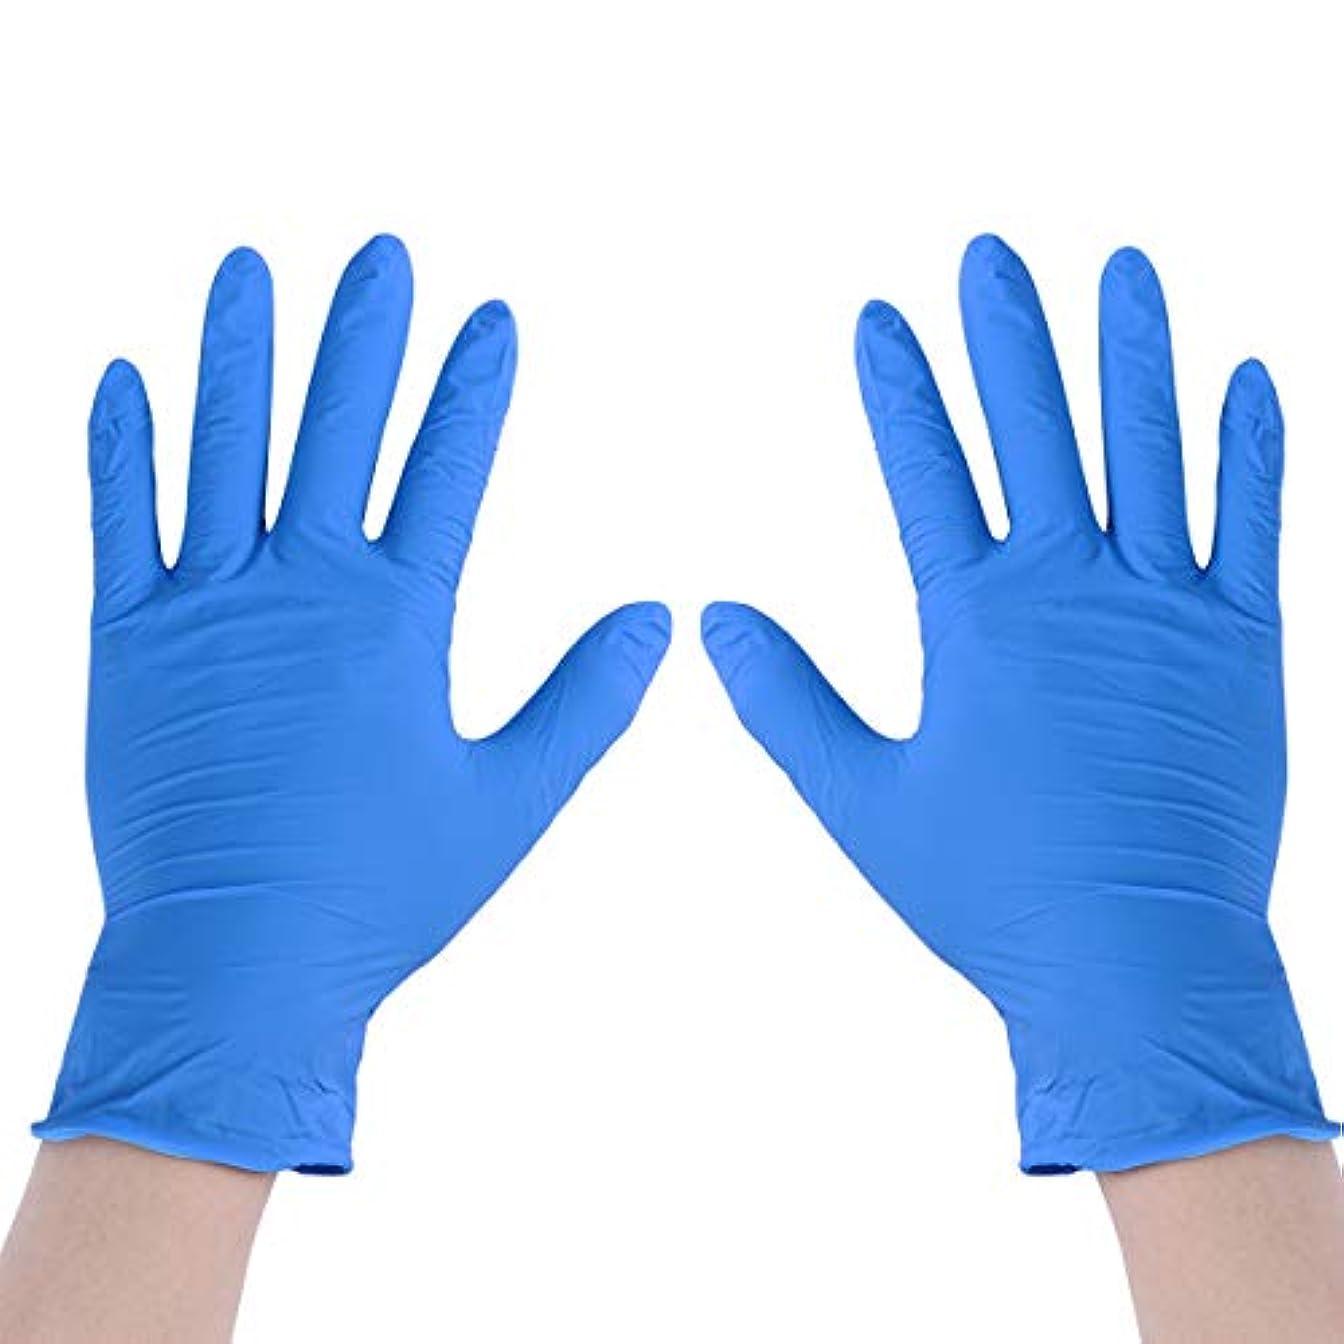 トムオードリース代表超高層ビルFrcolor 使い捨て手袋 ニトリル手袋 ビニール手袋 薄手 作業用 介護用 調理用 炊事用 園芸用 掃除用 9インチ Mサイズ 100枚入(ブルー)